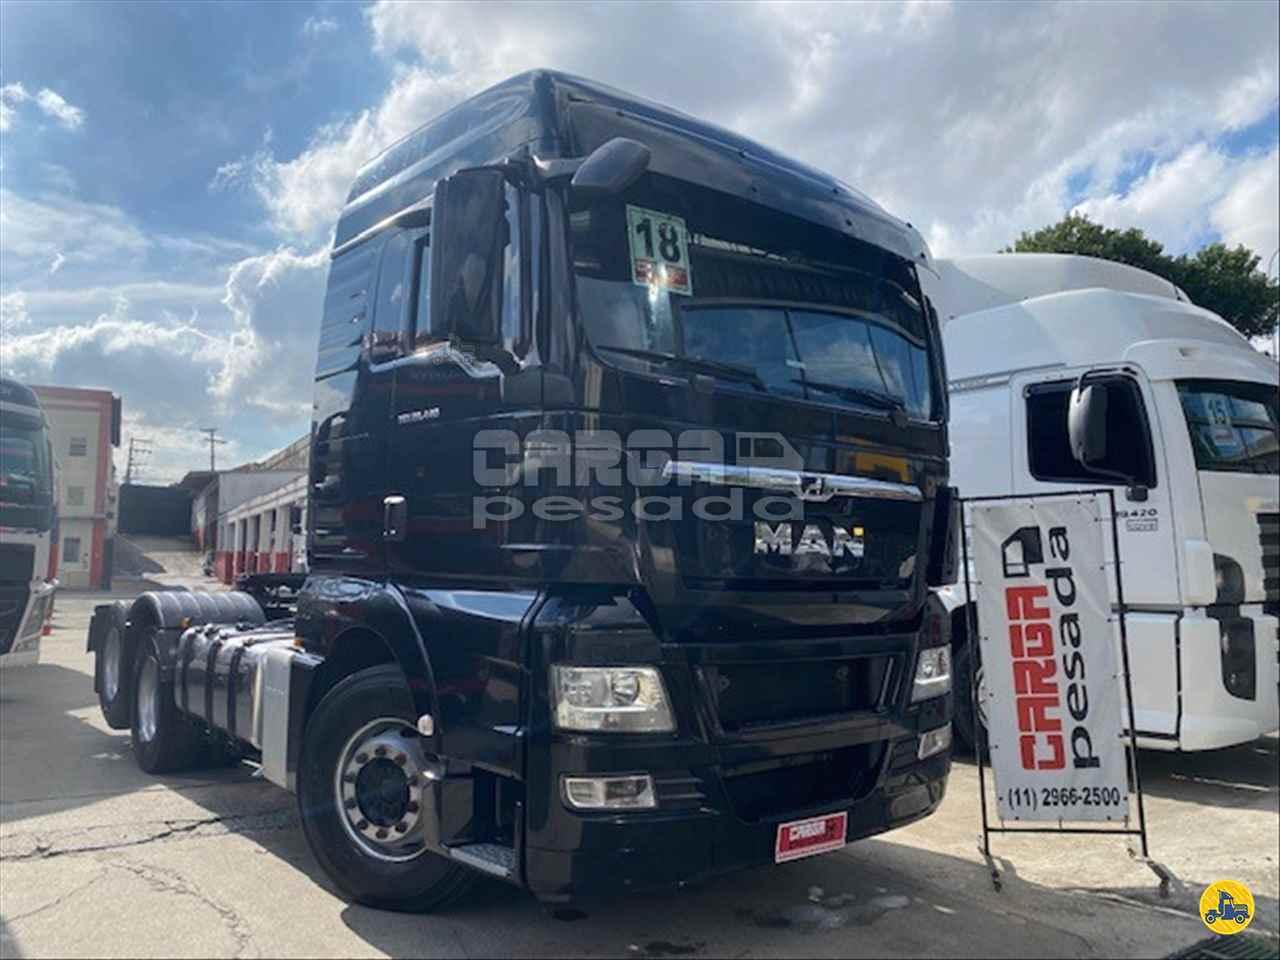 CAMINHAO MAN TGX 28 440 Cavalo Mecânico Truck 6x2 Carga Pesada Caminhões SAO PAULO SÃO PAULO SP